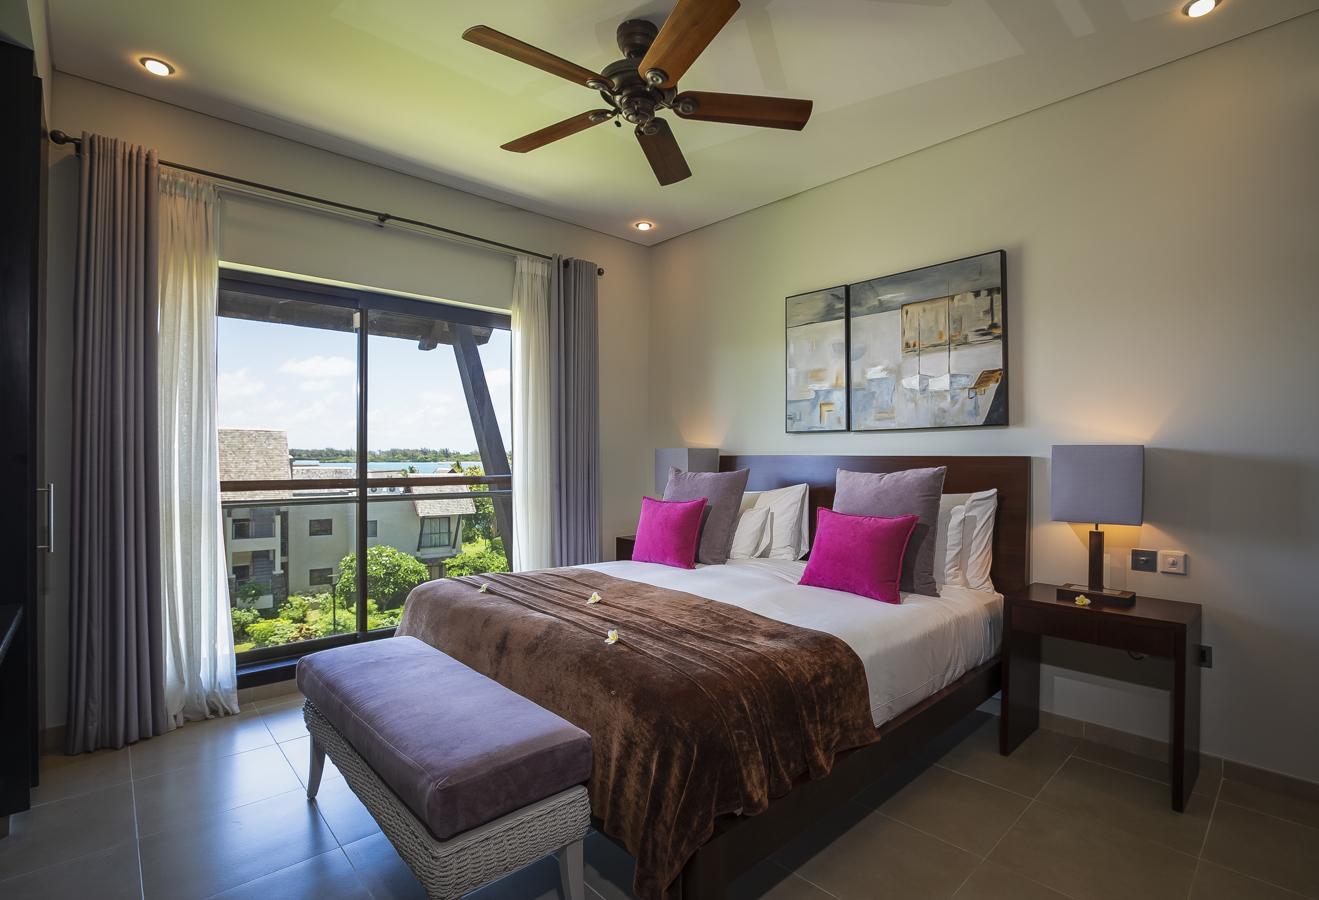 Appartement meublé de 215 m2 a été récemment rénové- île maurice